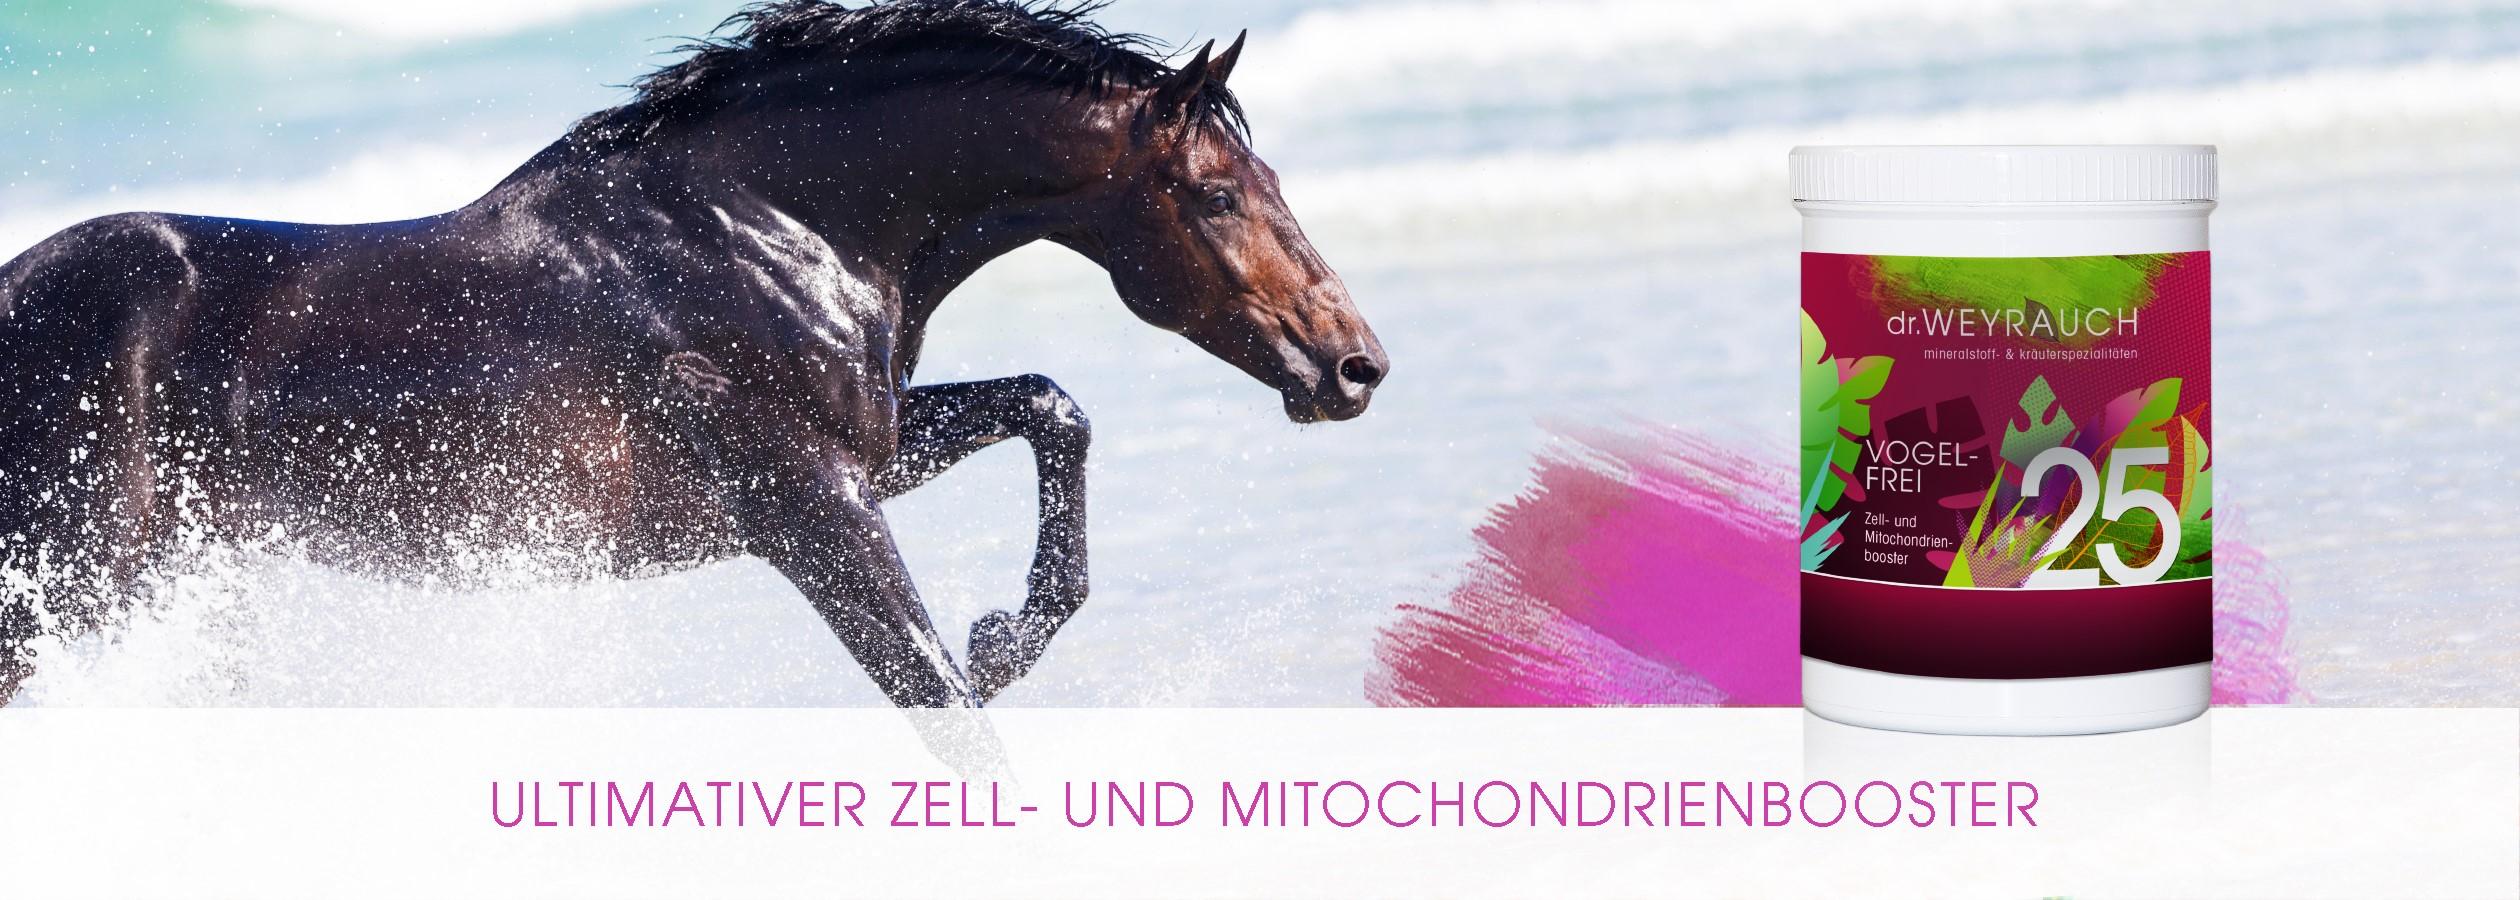 HEADER-2020-Vogelfrei-Pulver-Pferd-V2